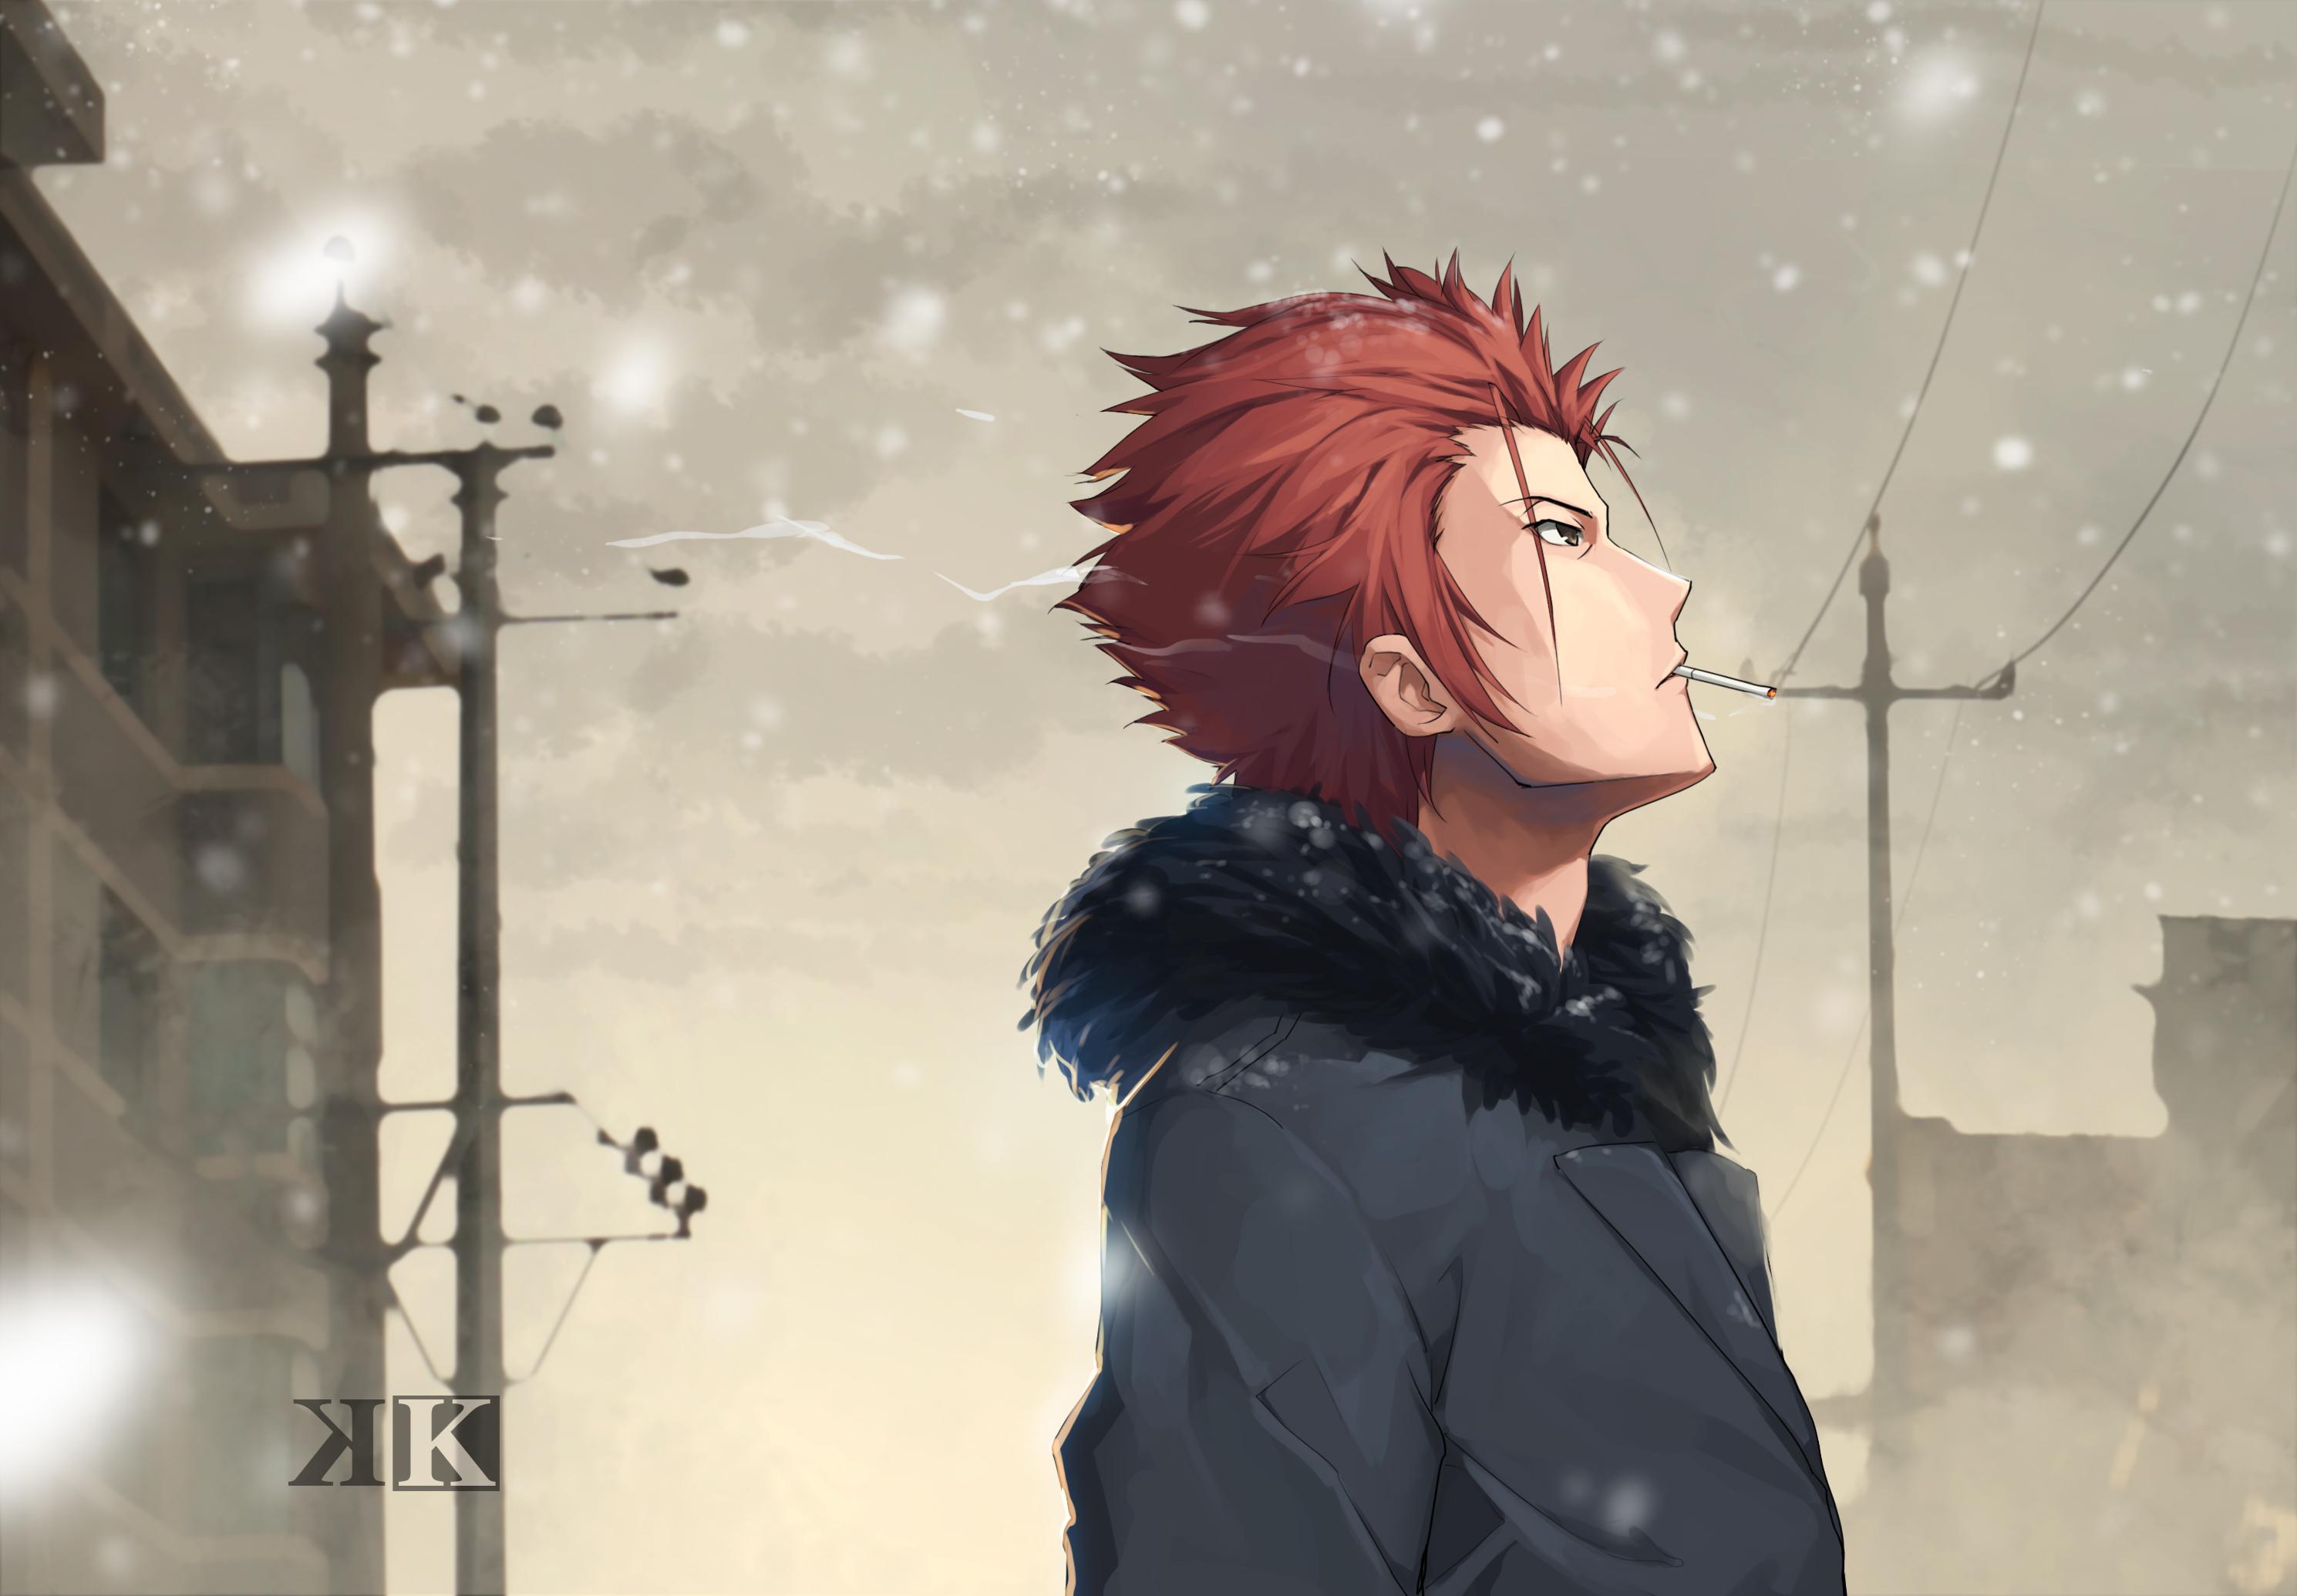 k project anime wallpaper hd